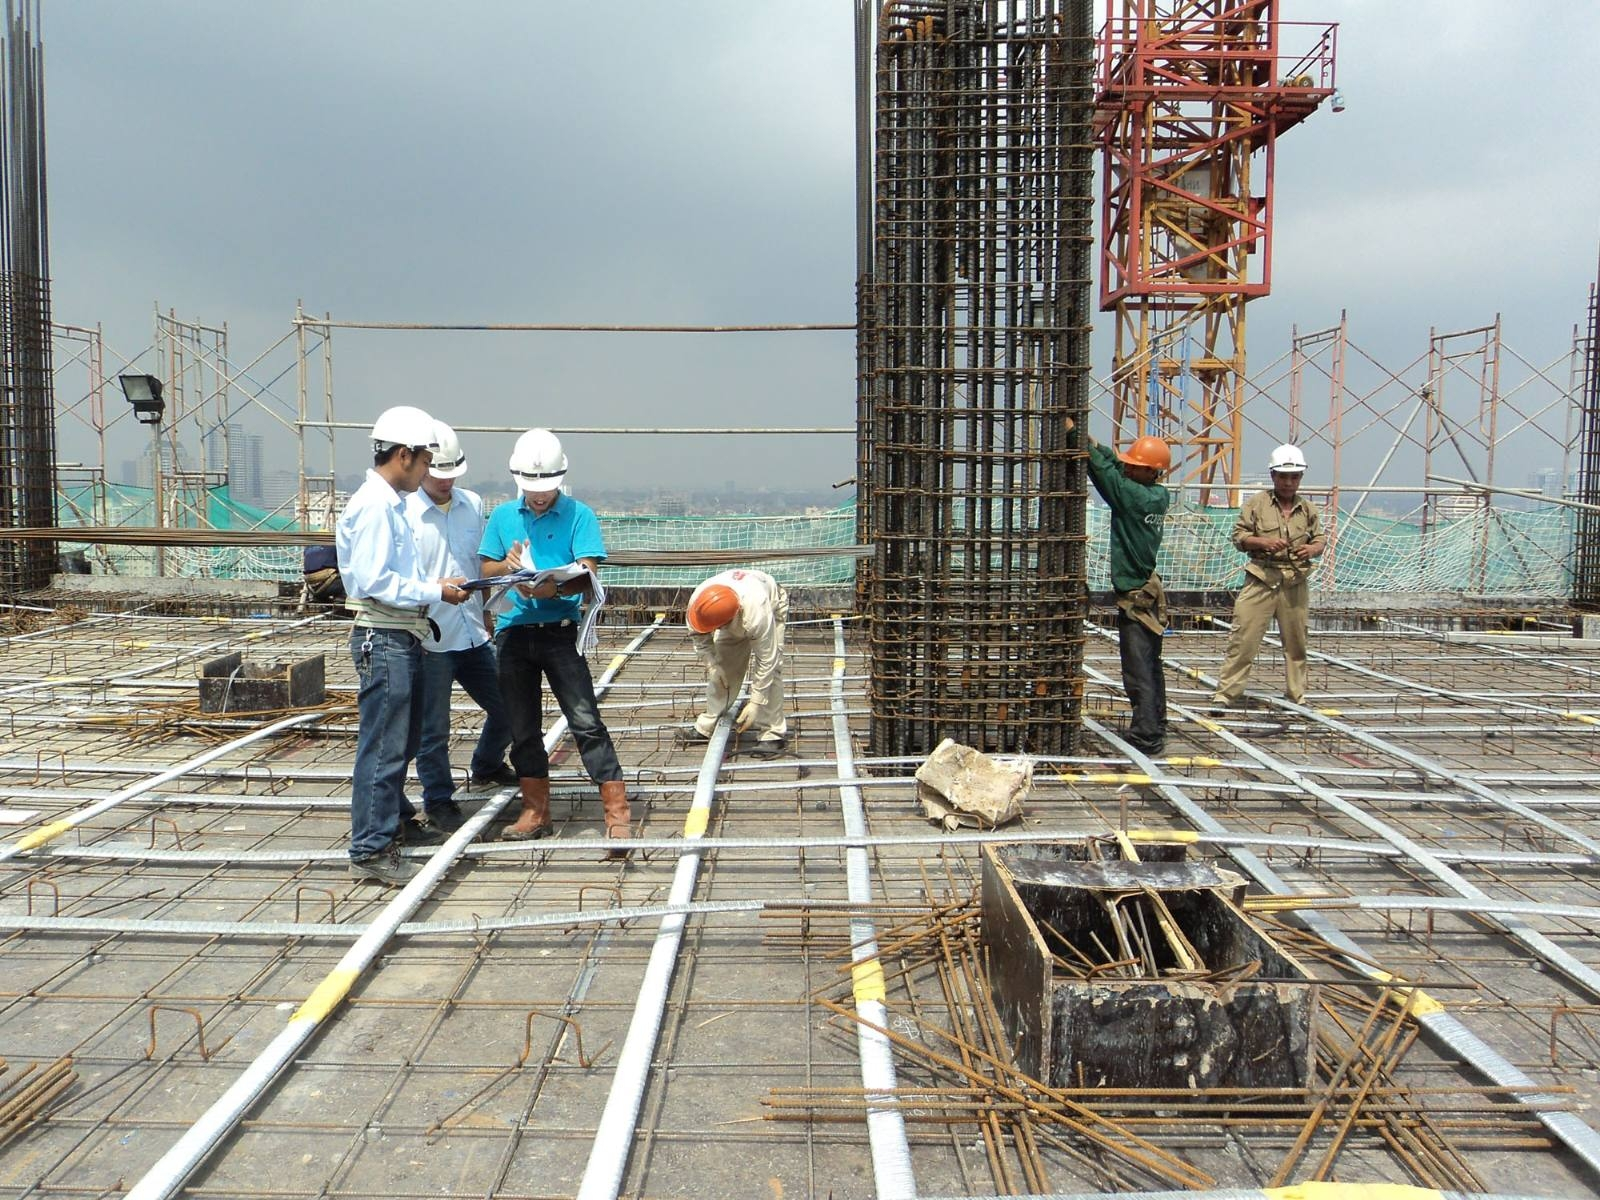 Tài liệu về Giám sát thi công hạng mục cầu đường, vật liệu, lắp đặt thiết bị